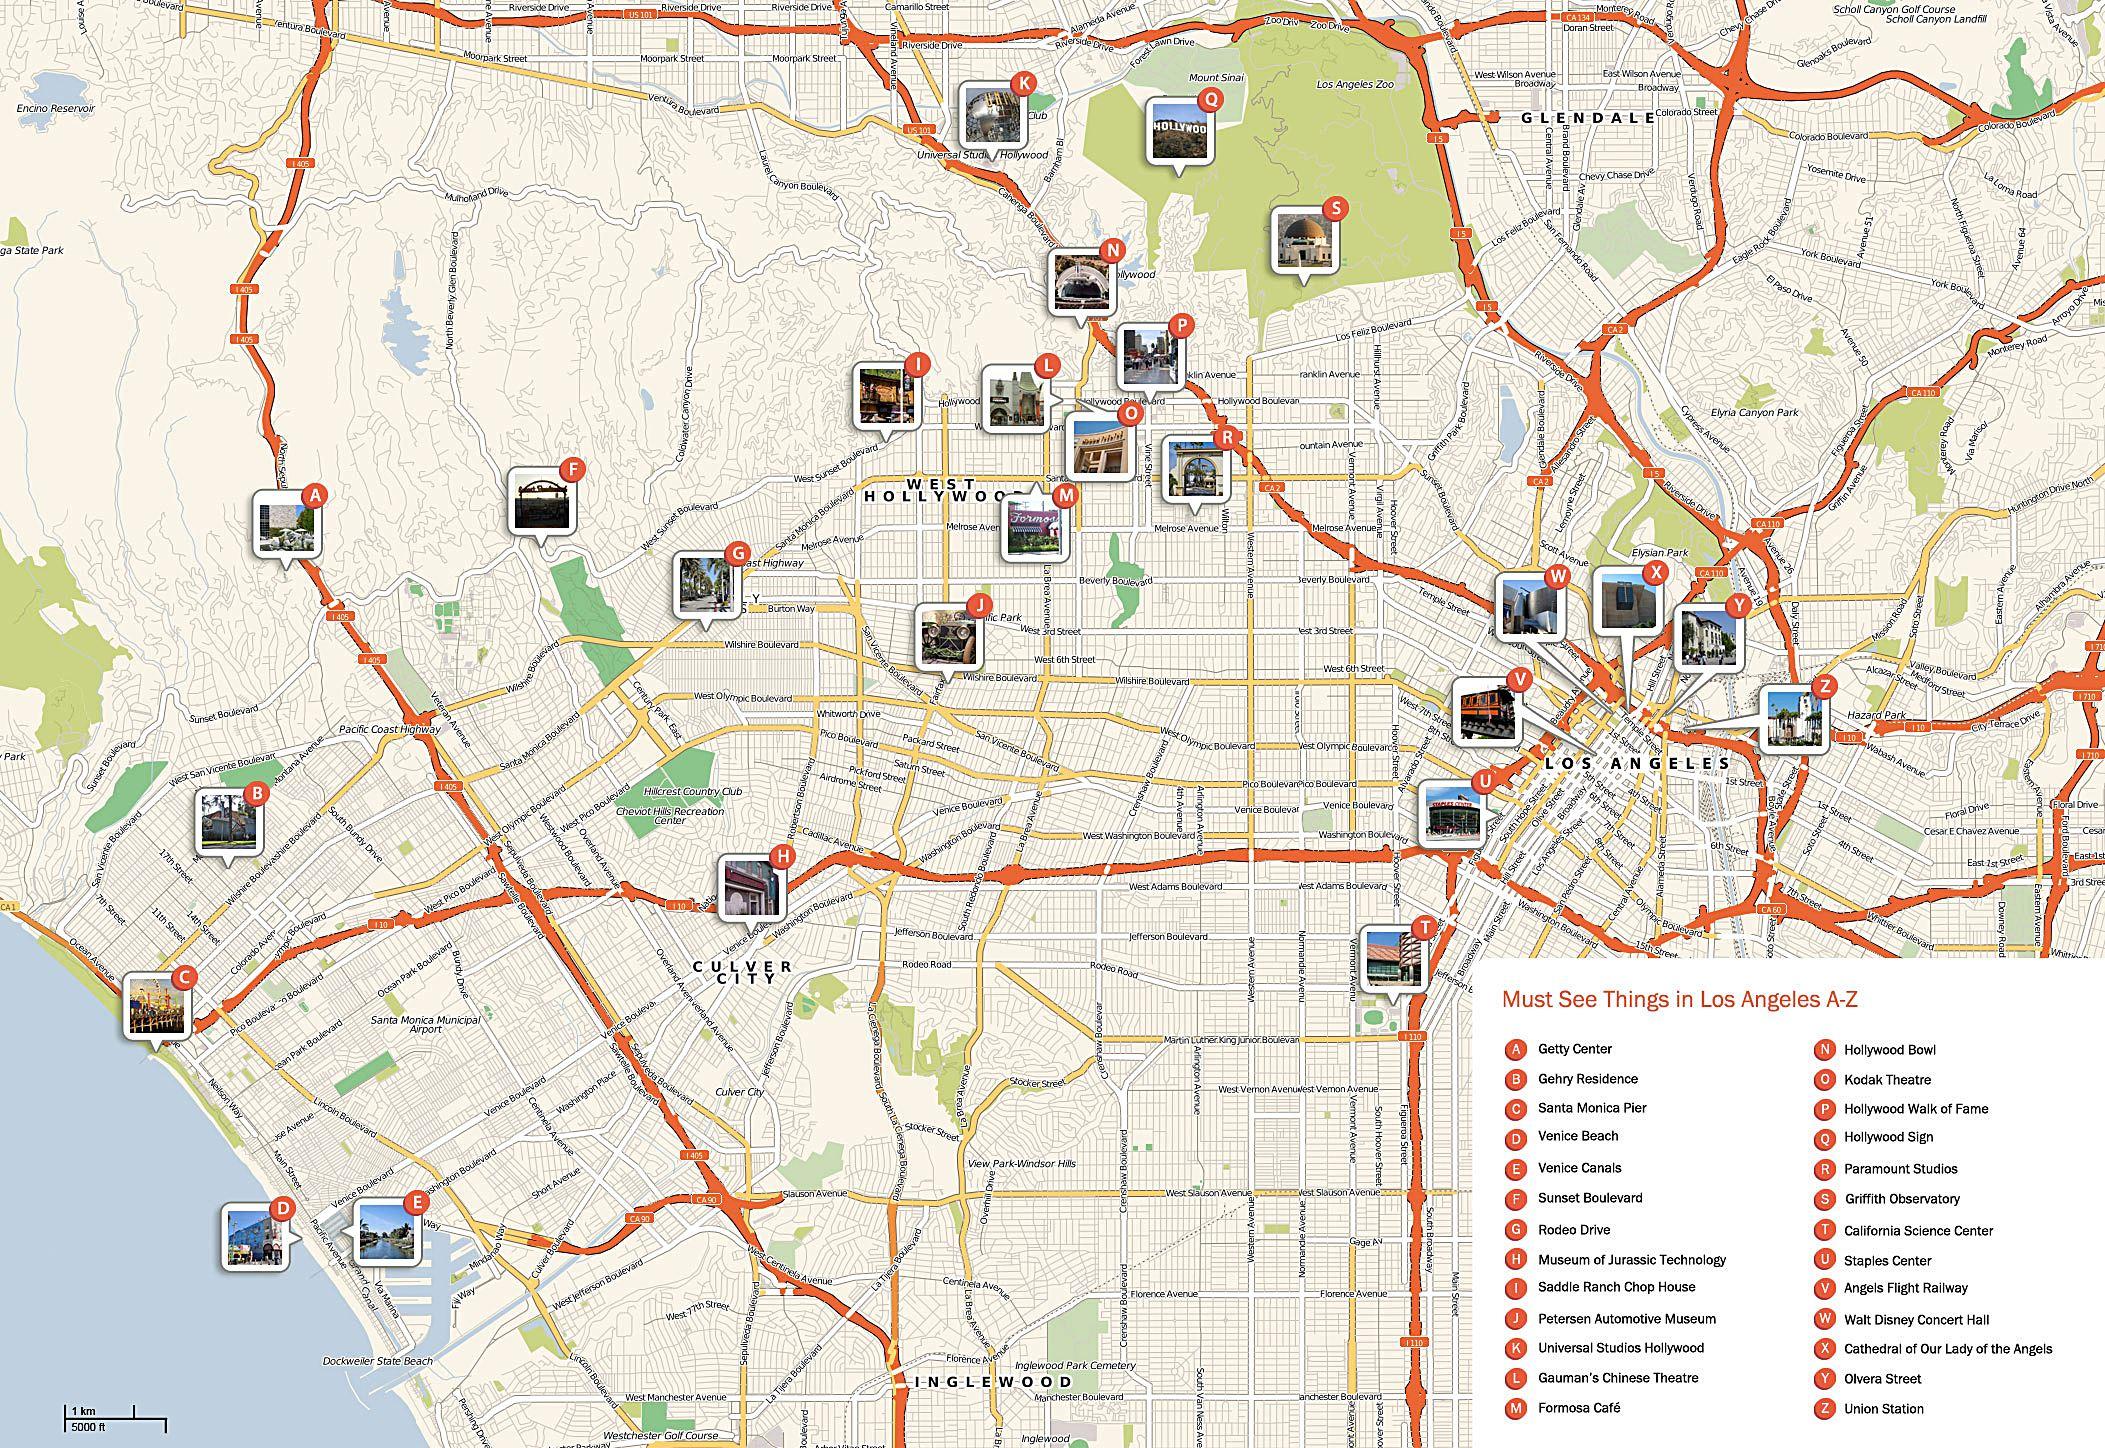 los angeles mapa Los Ángeles   plan de la ciudad | Mapas imprimidos de Los Ángeles  los angeles mapa